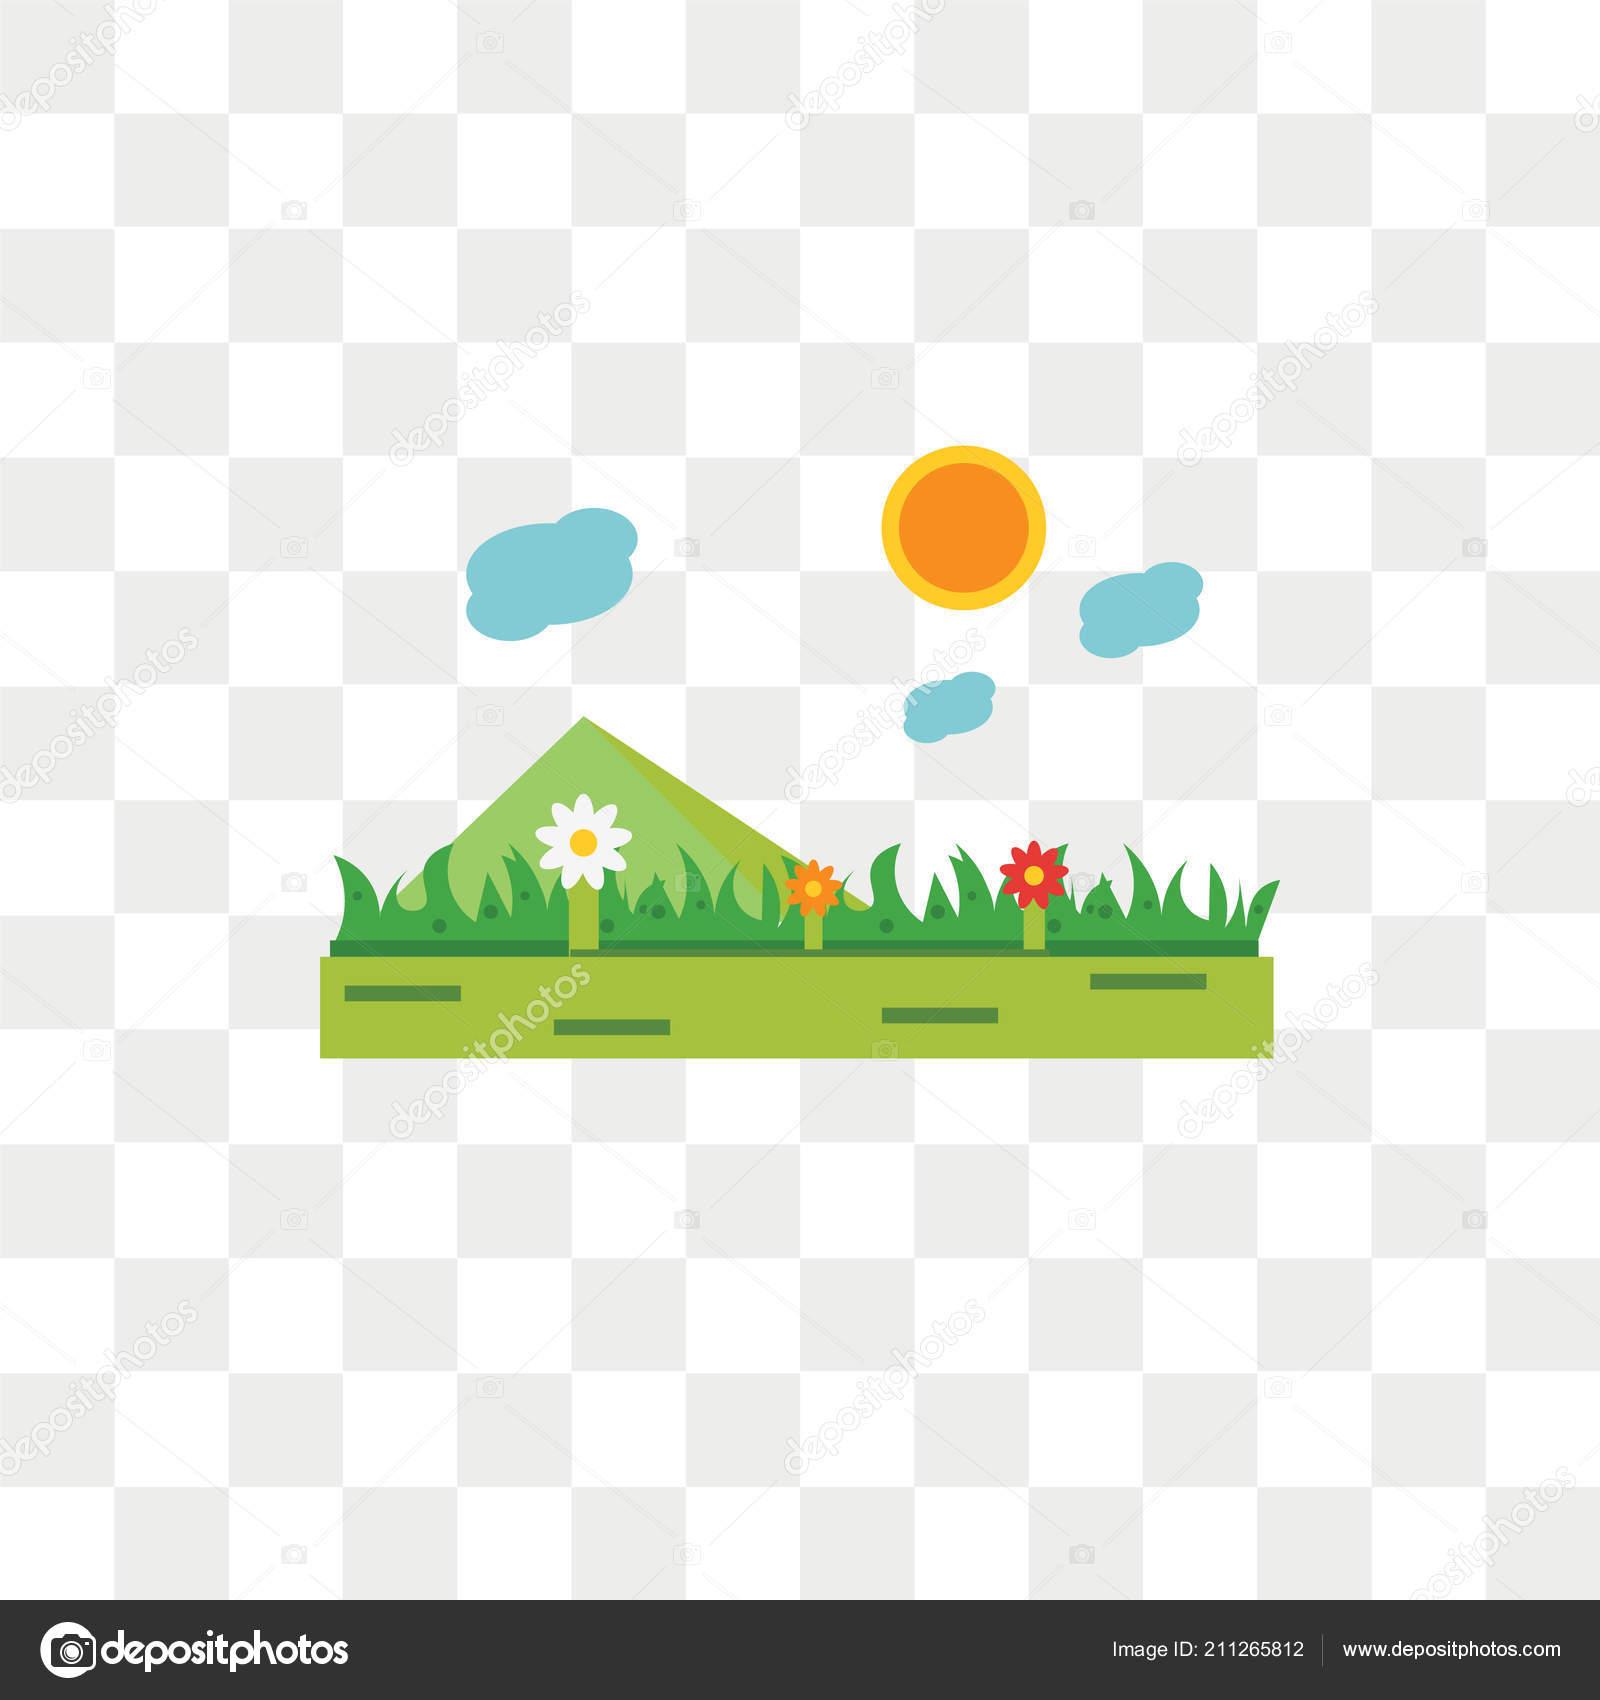 grass vector icon isolated transparent background grass logo concept stock vector c vectorstockcompany 211265812 depositphotos